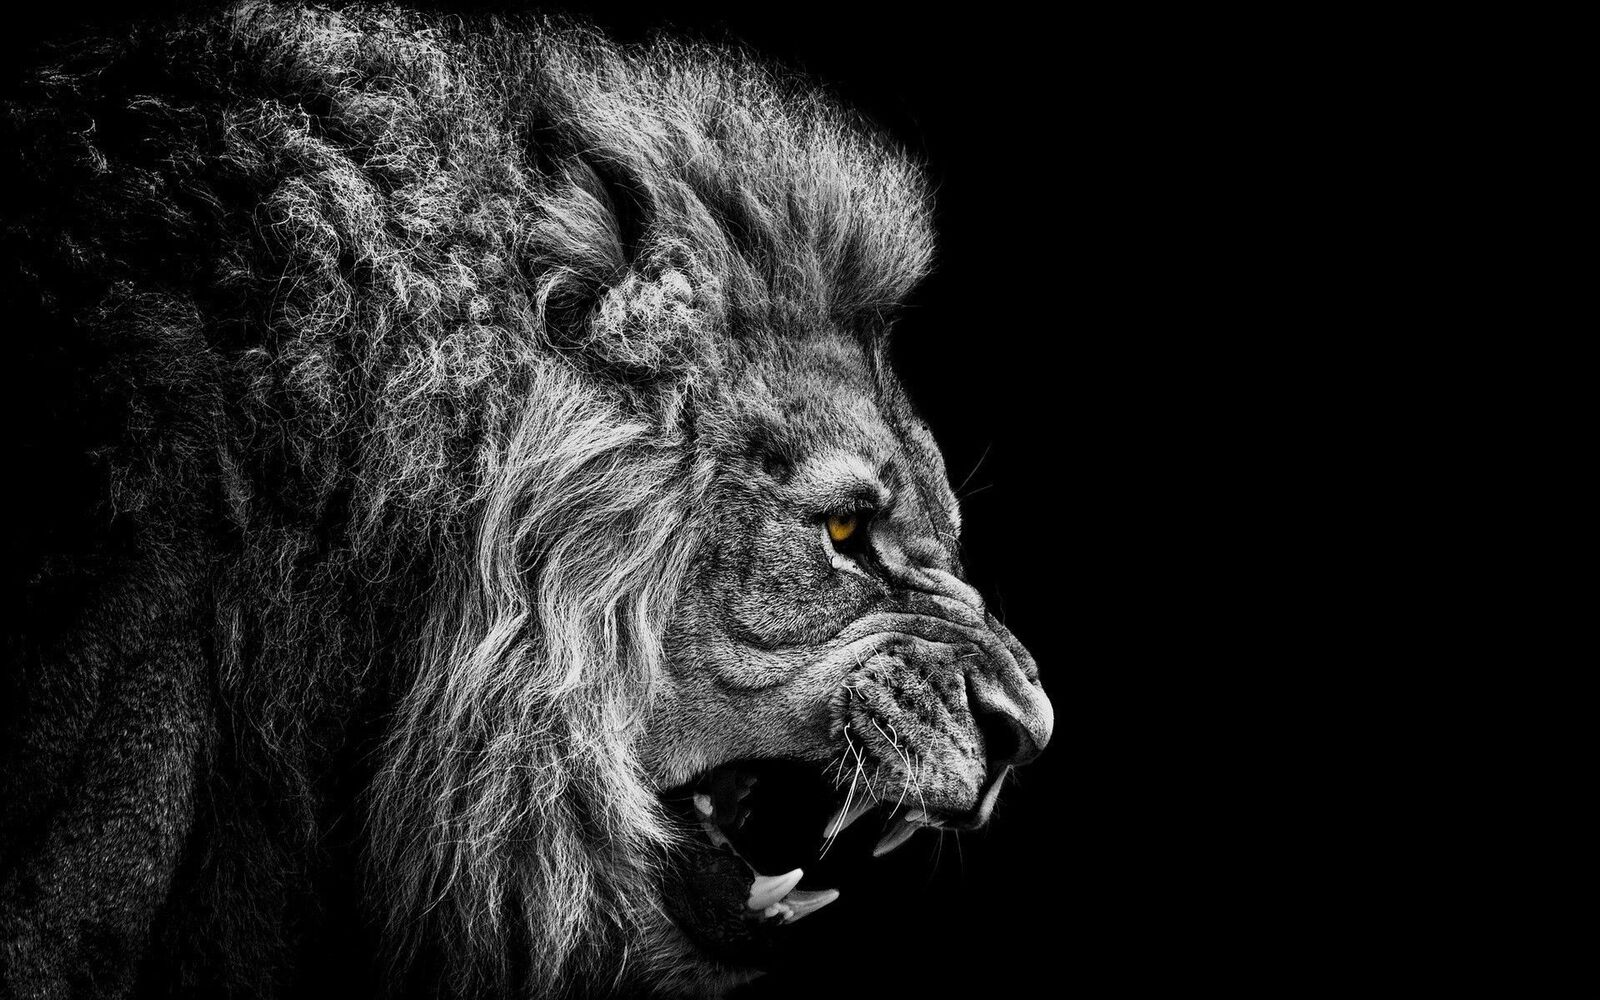 صور الاسد مميزة خلفيات الاسود للفوتوشوب 2021 Epic Lion Wallpapers صقور الإبدآع